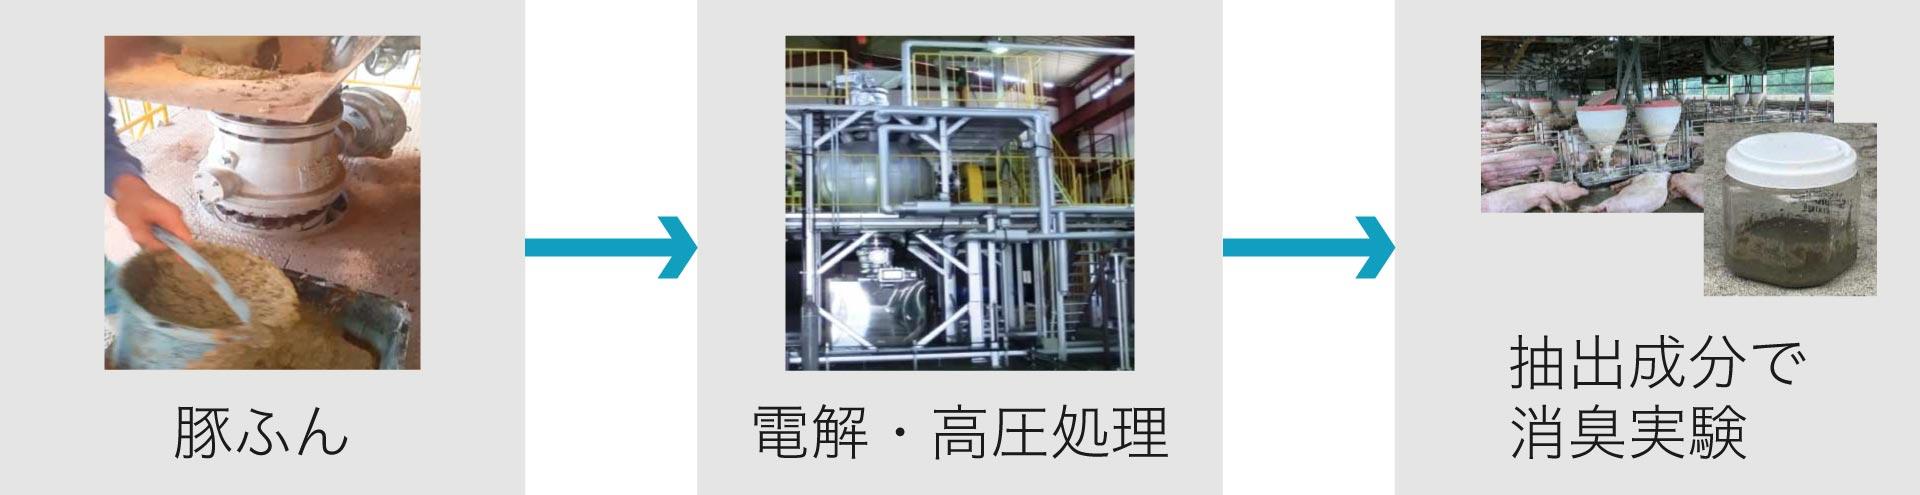 加水分解技術応用原理プロジェクト